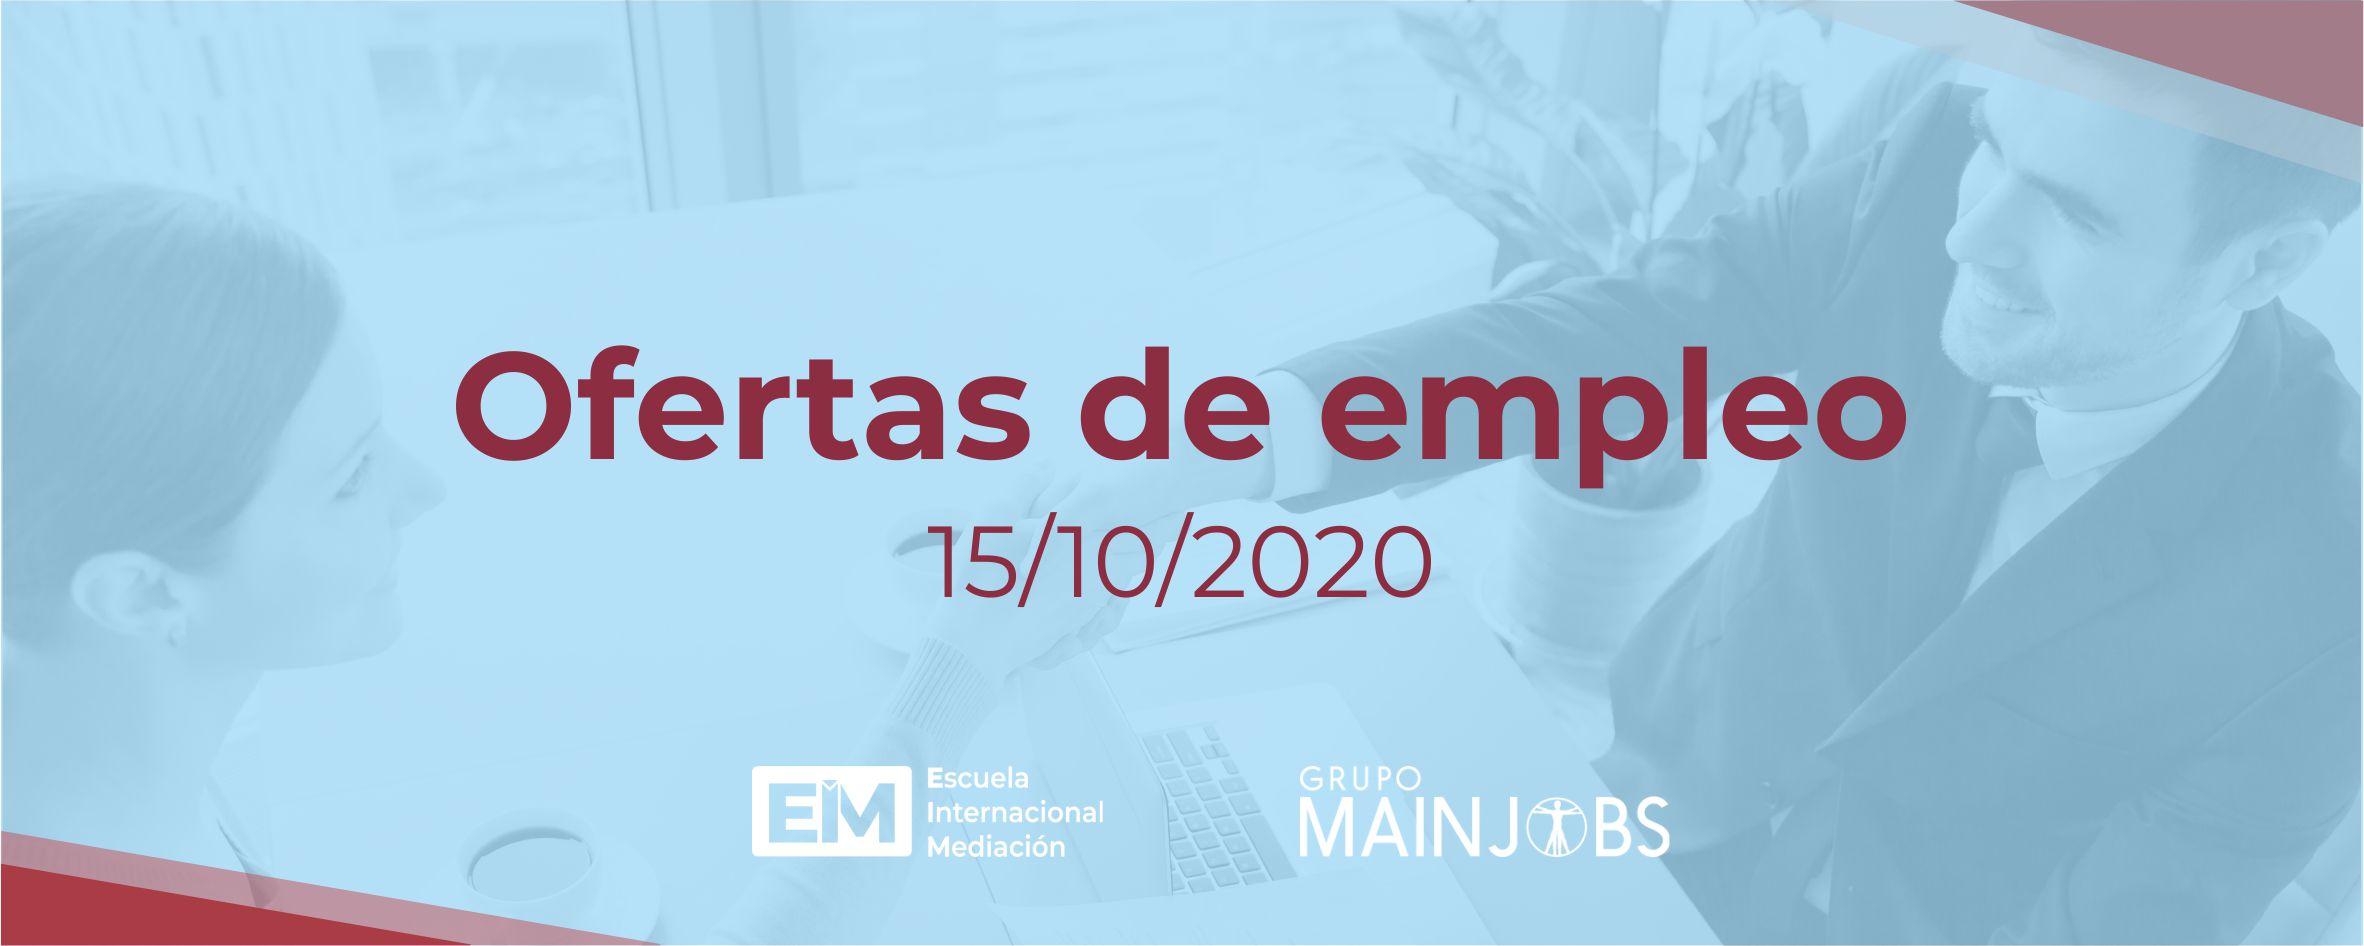 Ofertas de empleo para trabajar como mediador mediadora 15 de octubre